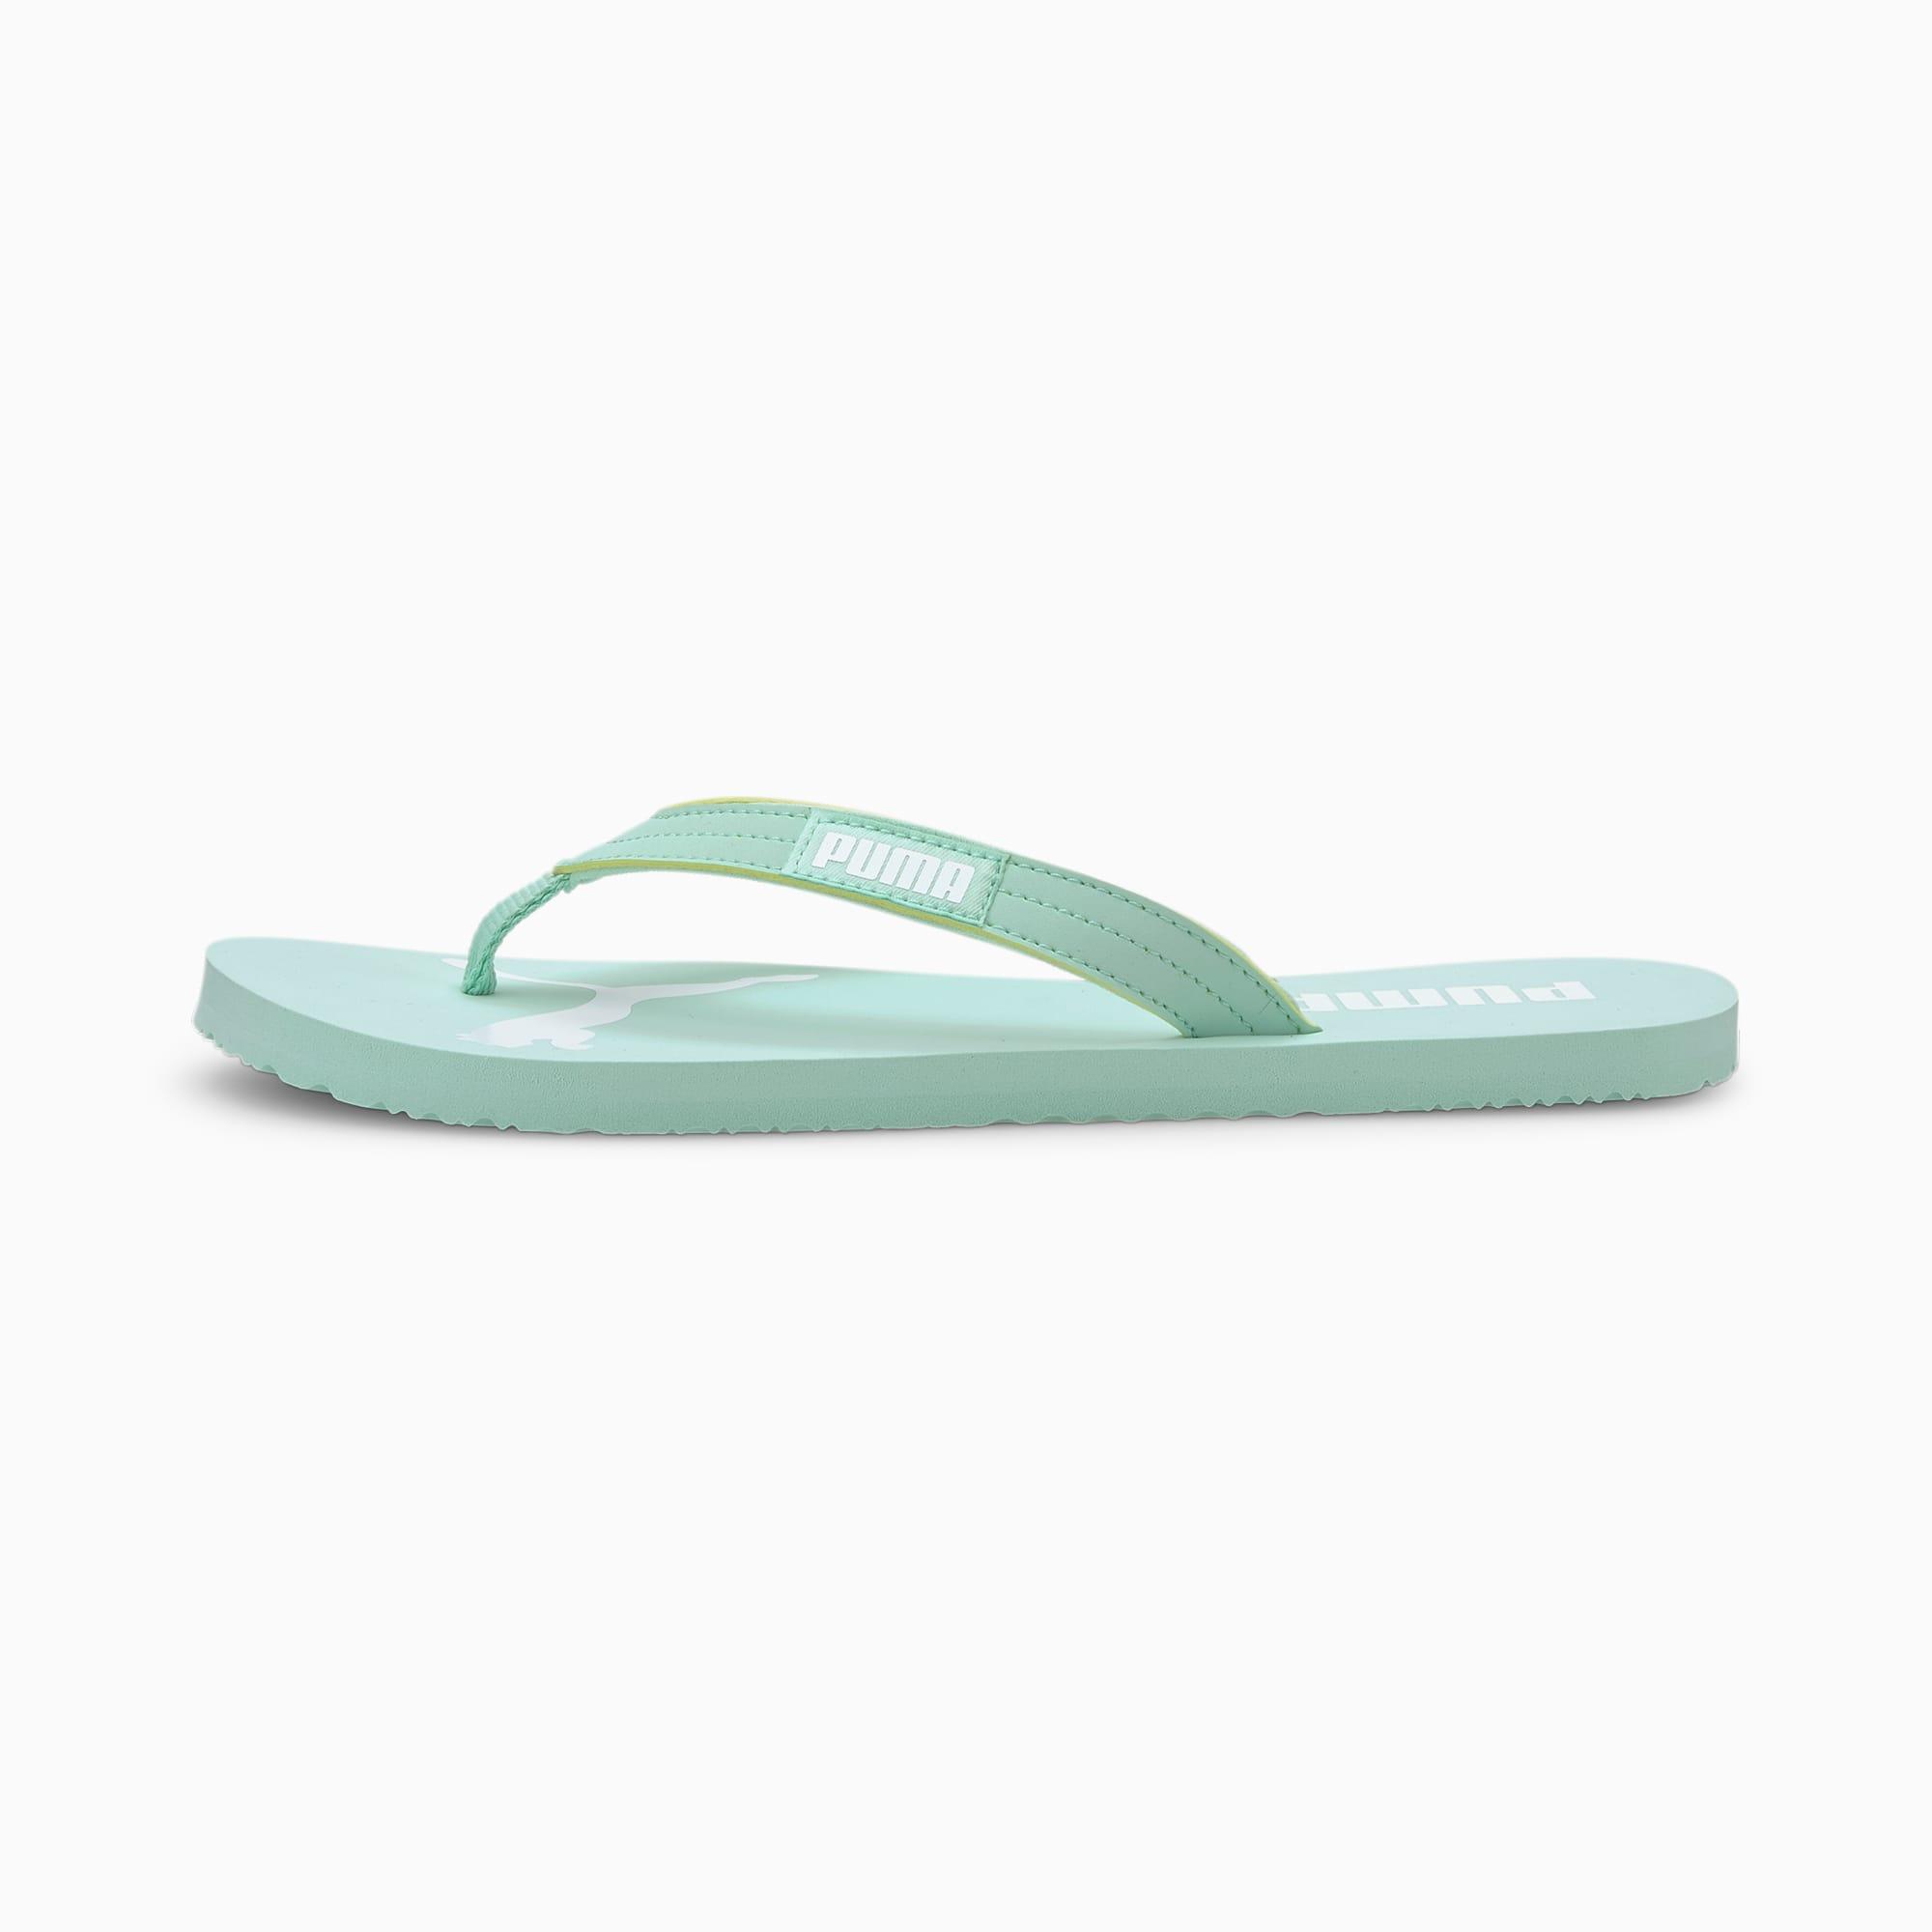 puma -  Cosy Flip Sandalen   Mit Aucun   Grün/Weiß   Größe: 37